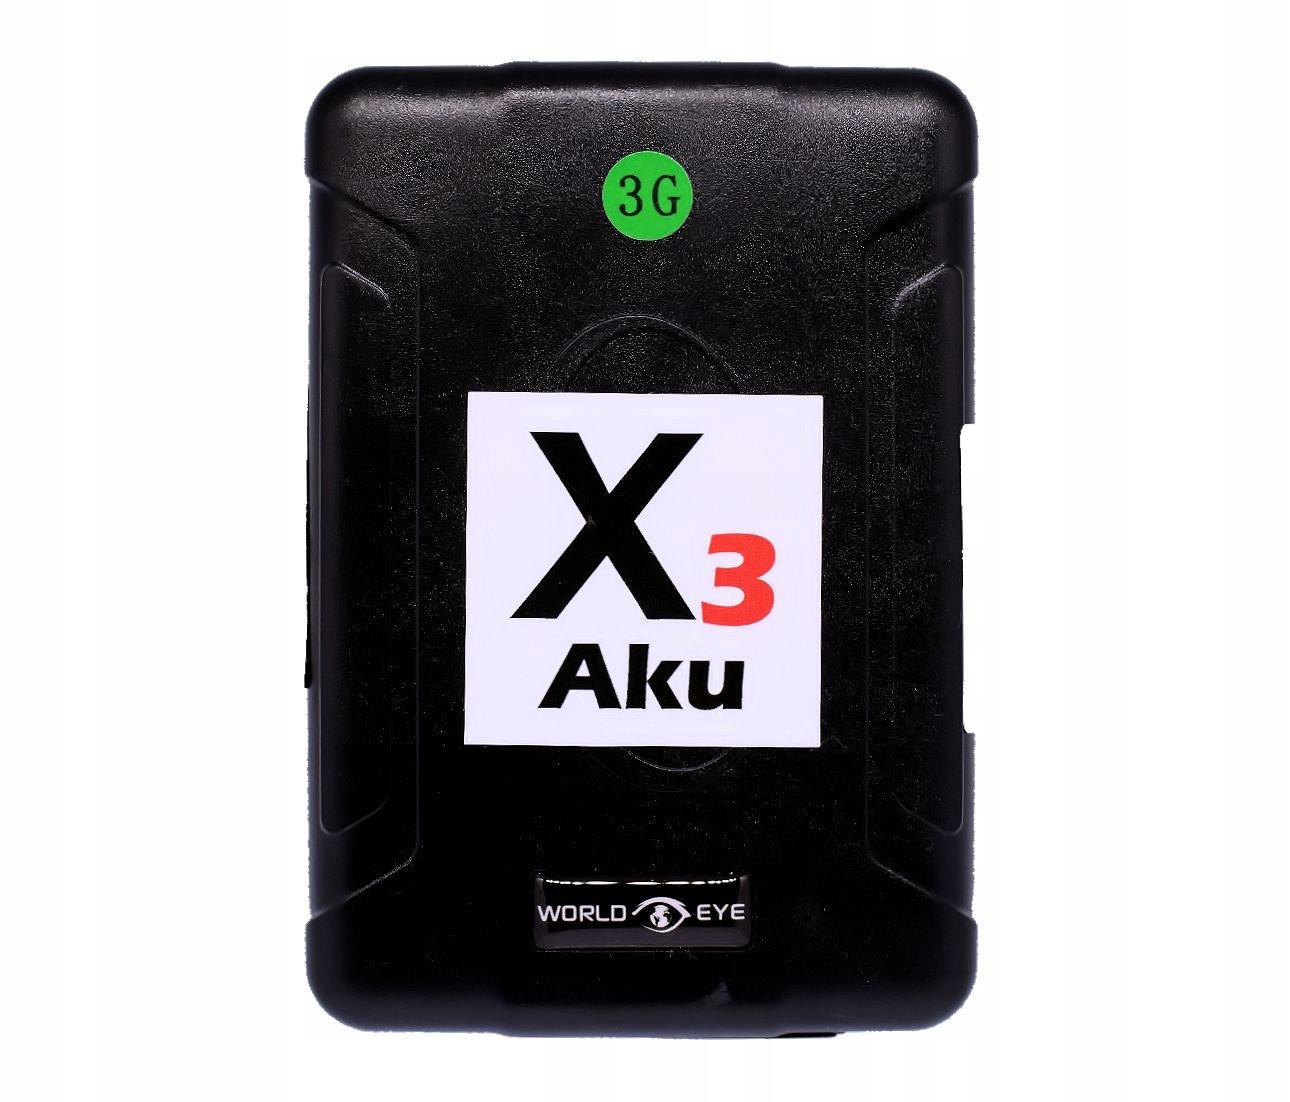 НАСТРОЙКА GPS X3 Aku 3G LOCATOR - 120 ДНЕЙ